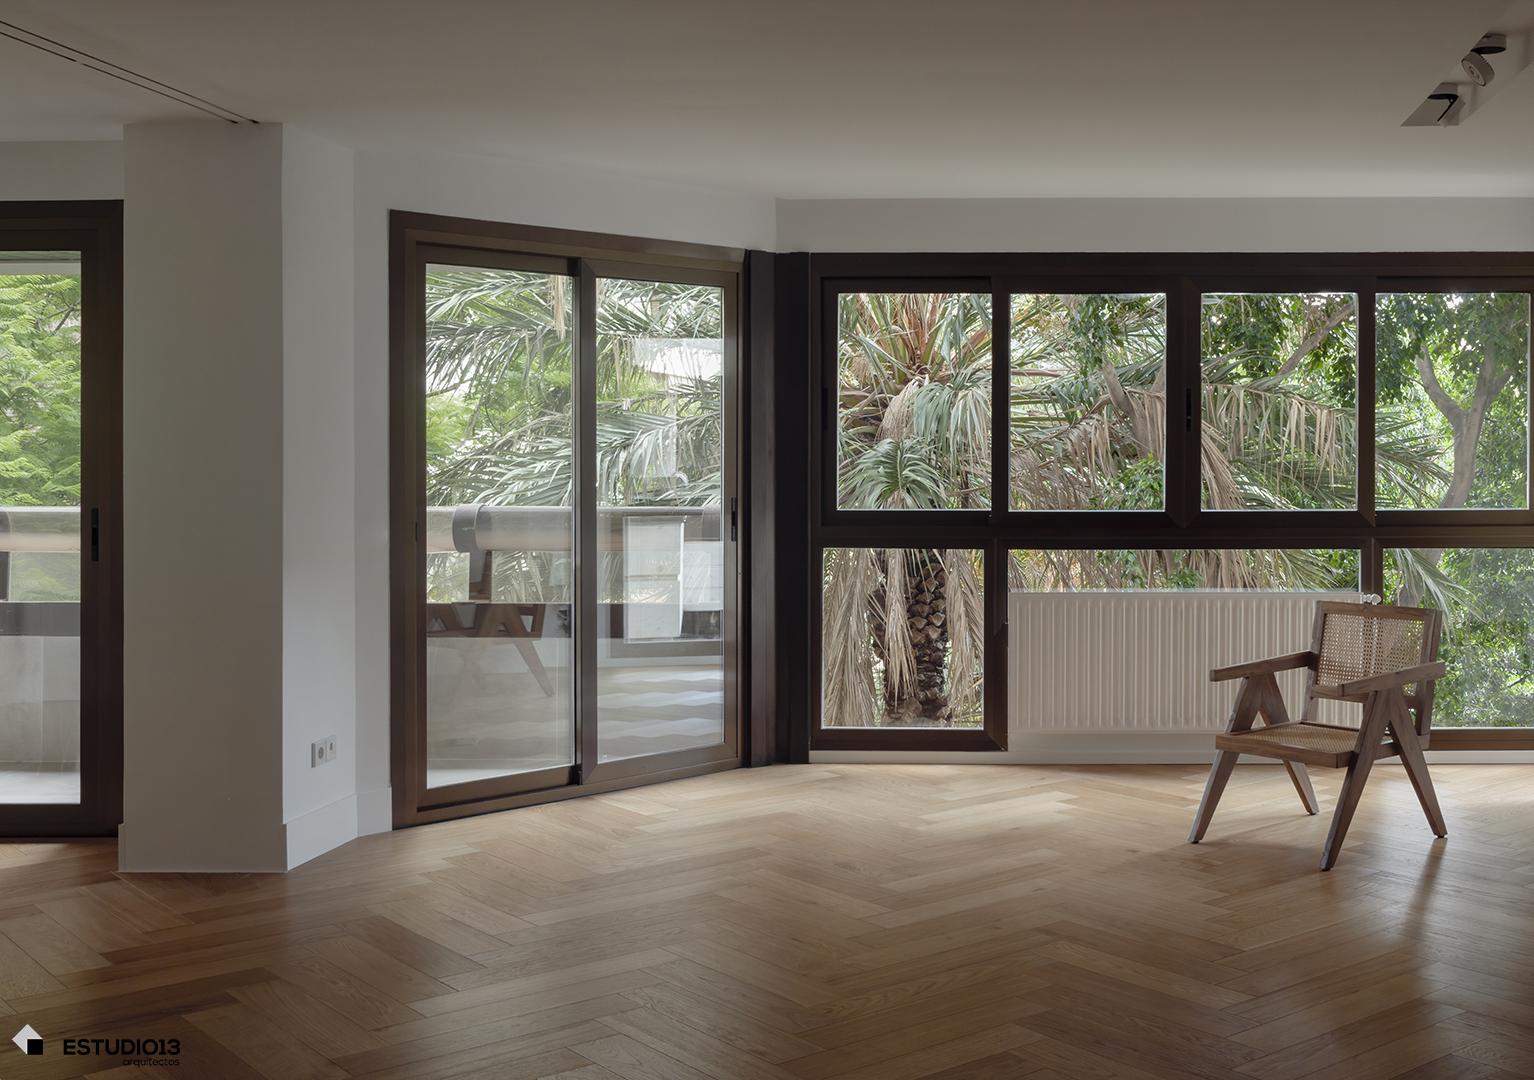 Estudio13_arquitectos_CasaLE15_Valencia